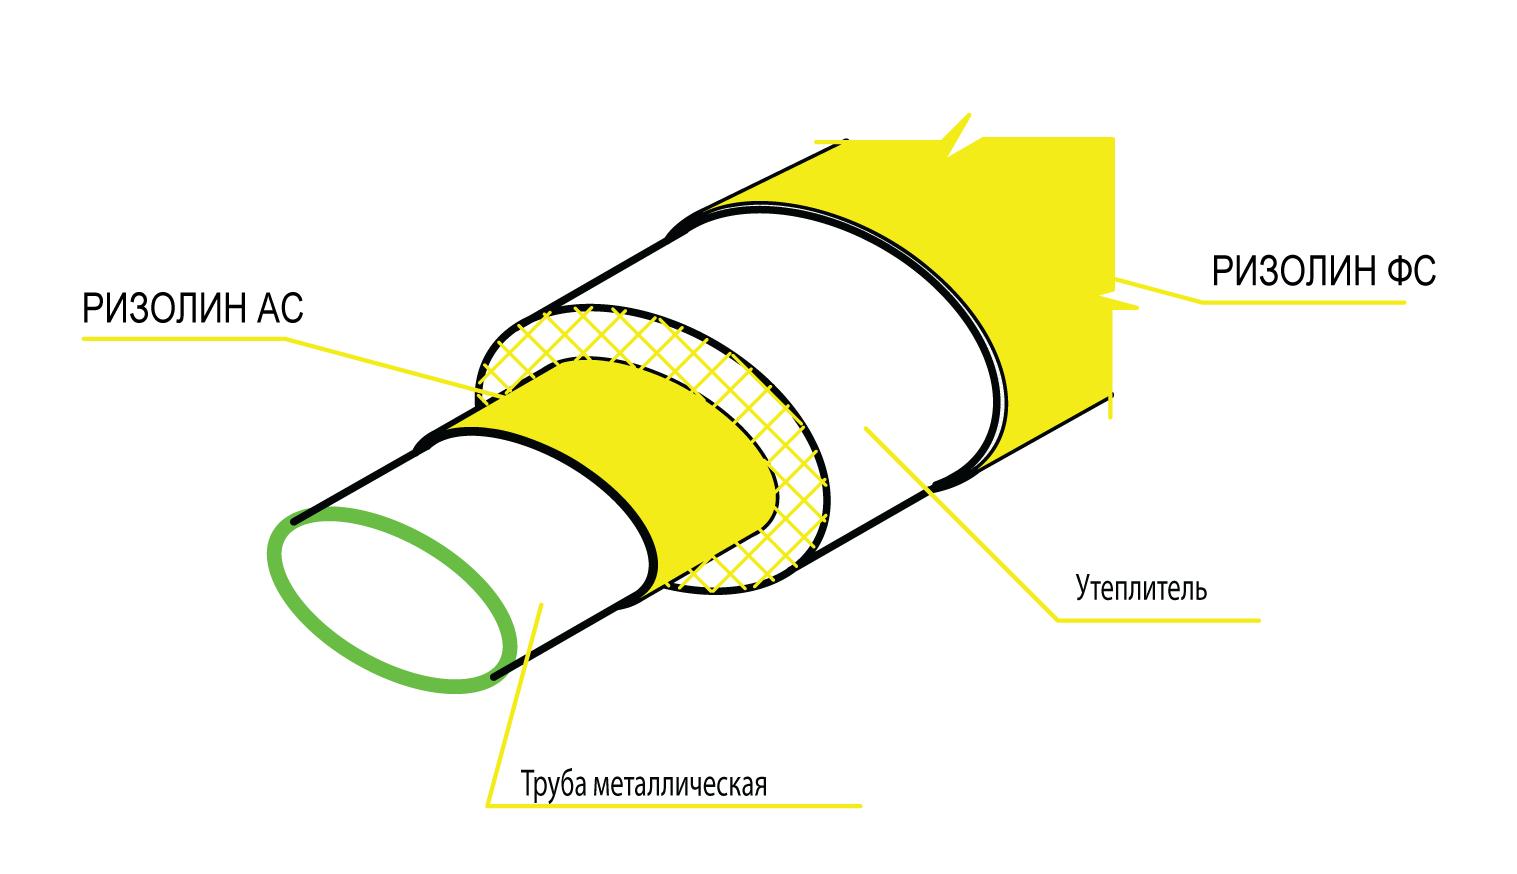 Руководство по устройству и ремонту мягкой кровли из самоклеящегося рулонного гидроизоляционного и кровельного материала «Ризолин» - фото 21